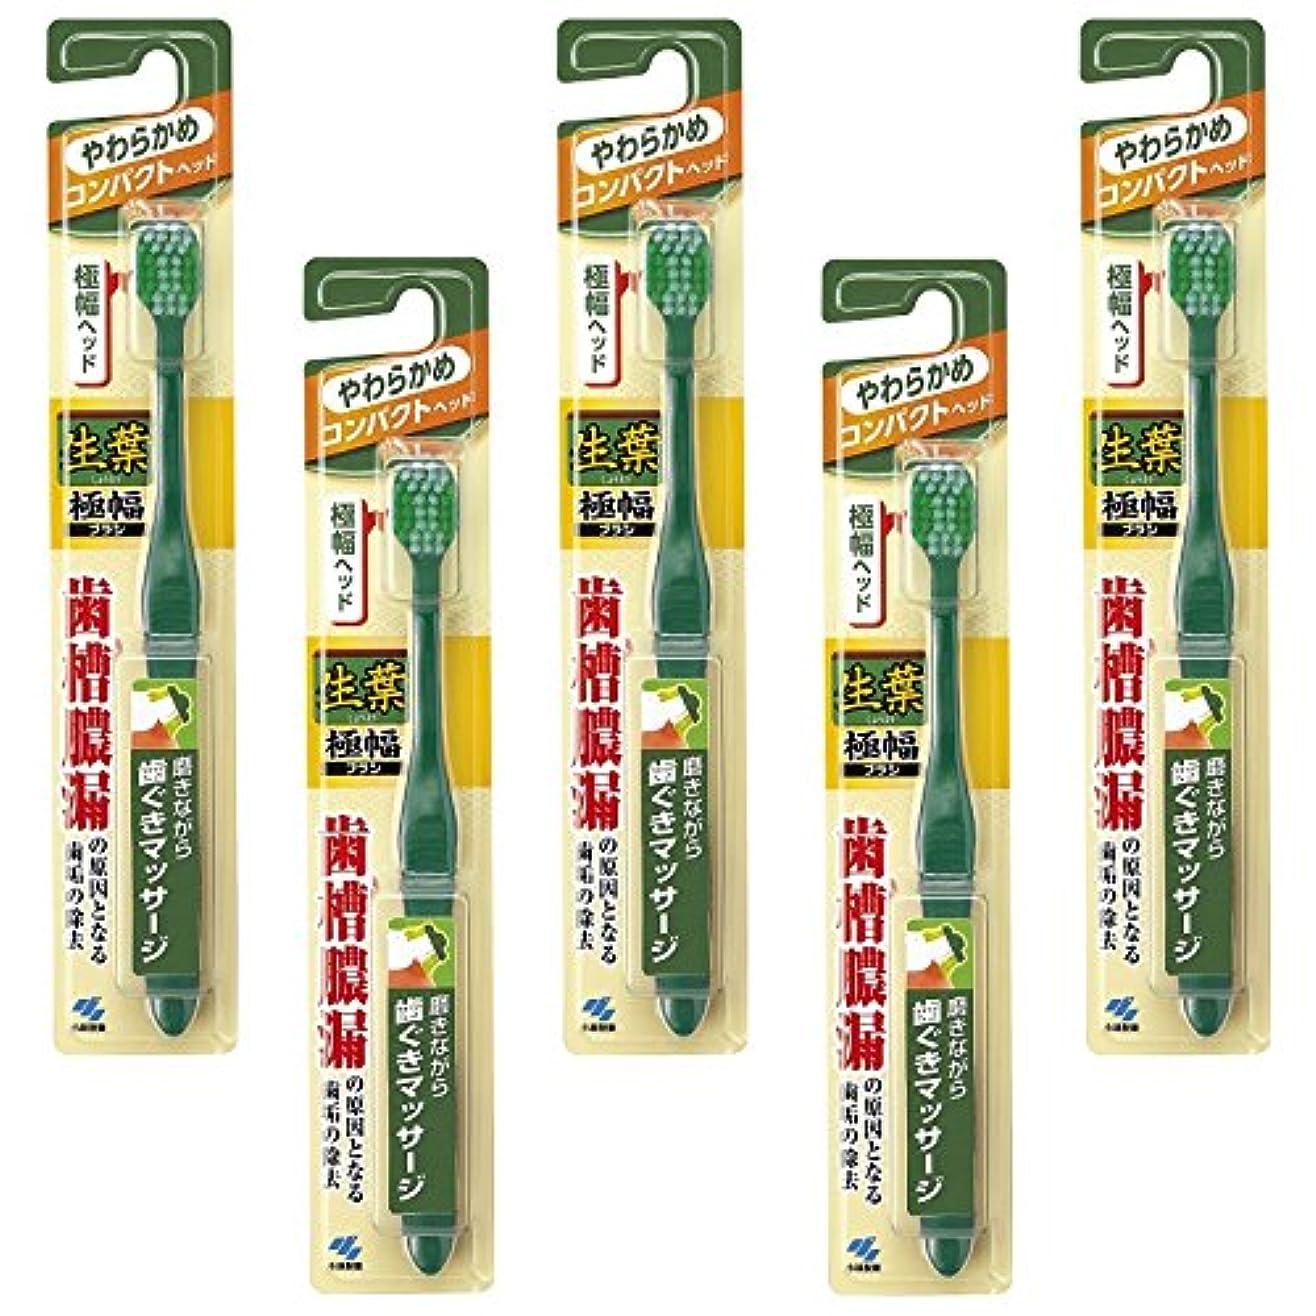 スラッシュうなずくせがむ【まとめ買い】生葉(しょうよう)極幅ブラシ 歯ブラシ コンパクトヘッド やわらかめ×5個